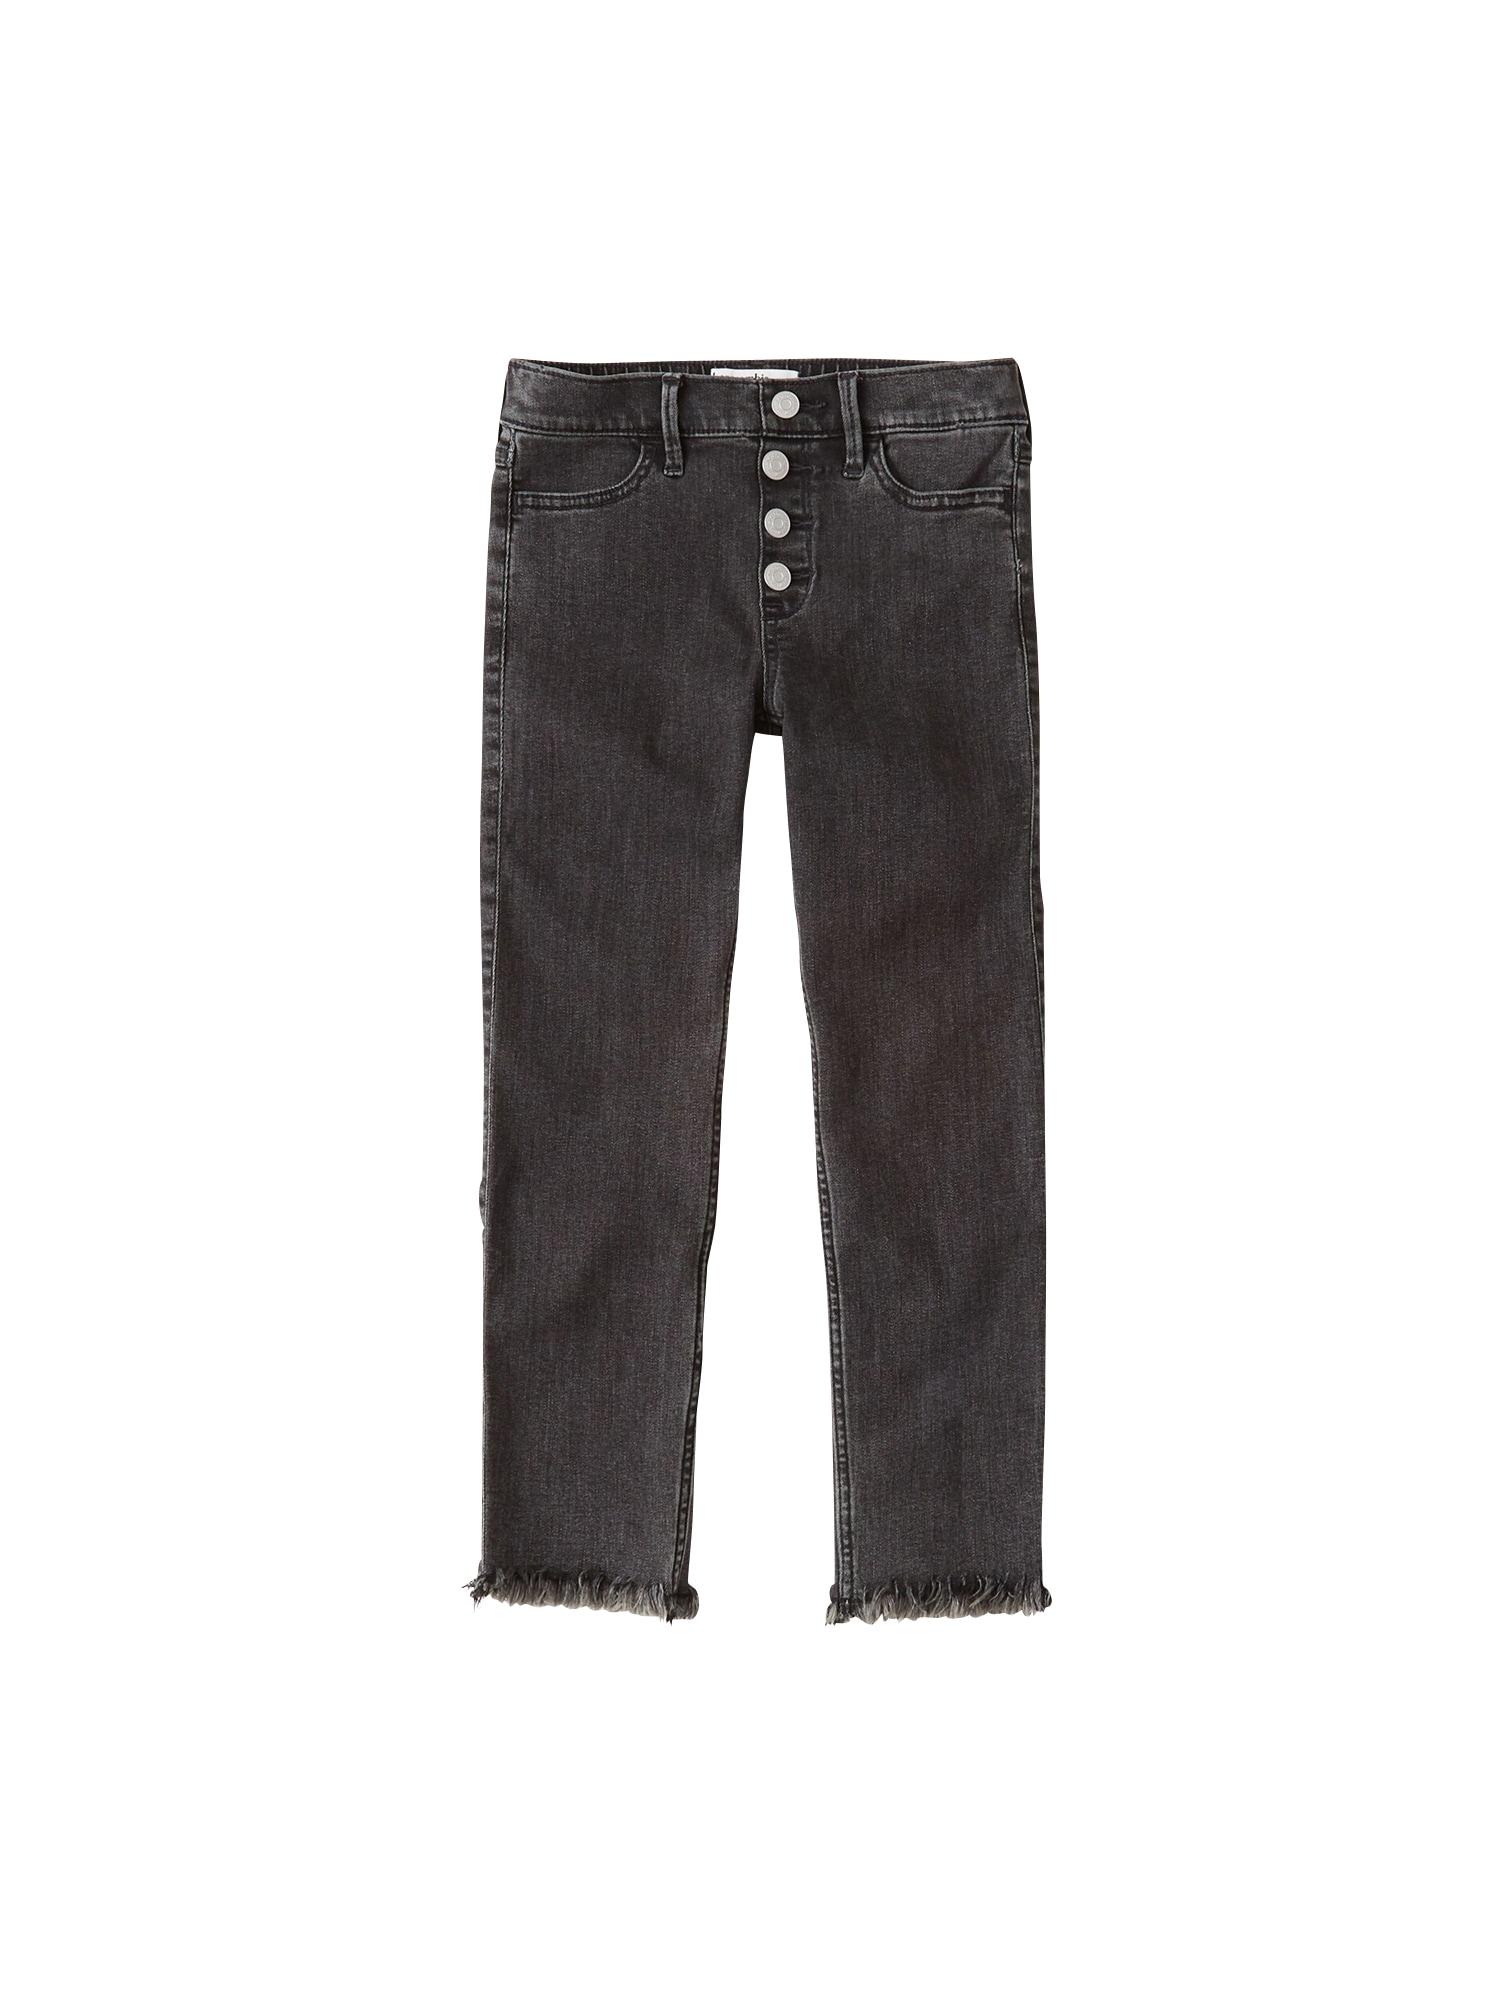 Abercrombie & Fitch Džinsai '(F-E123567) XM19-N1 HOL HR PO ANKLE SKNY 2CC' juodo džinso spalva